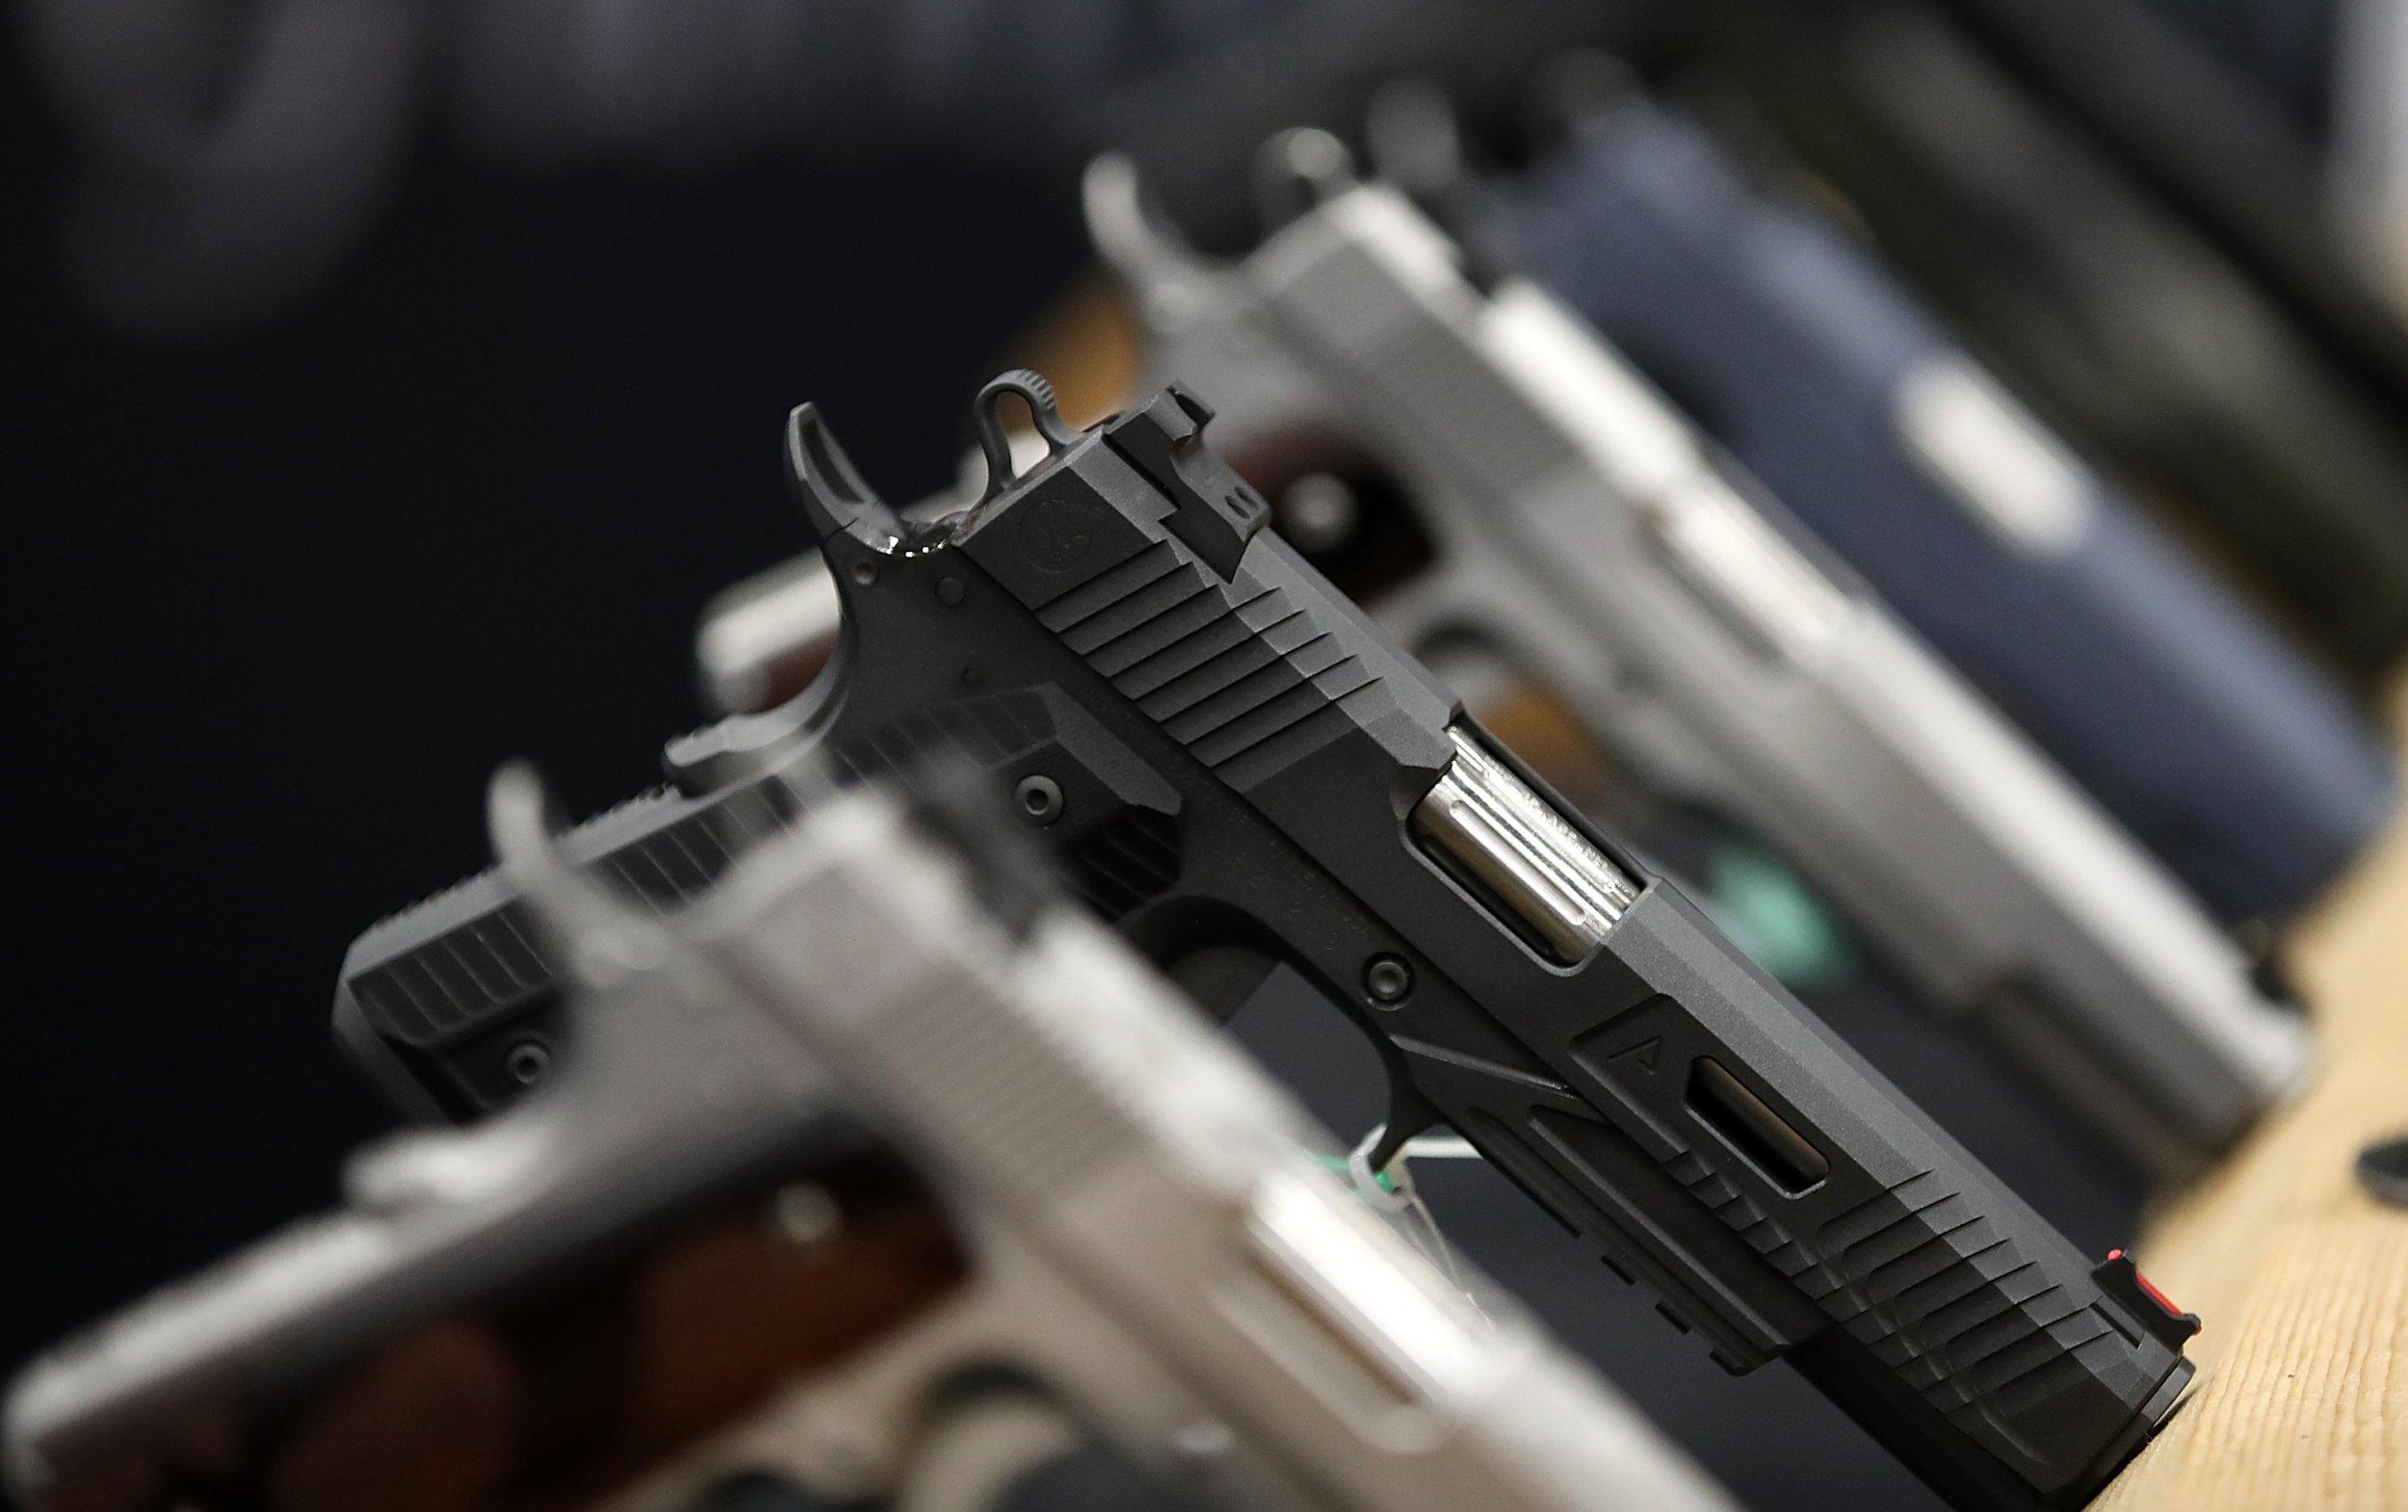 Venta de armas se dispara siempre después de masacres en EUA